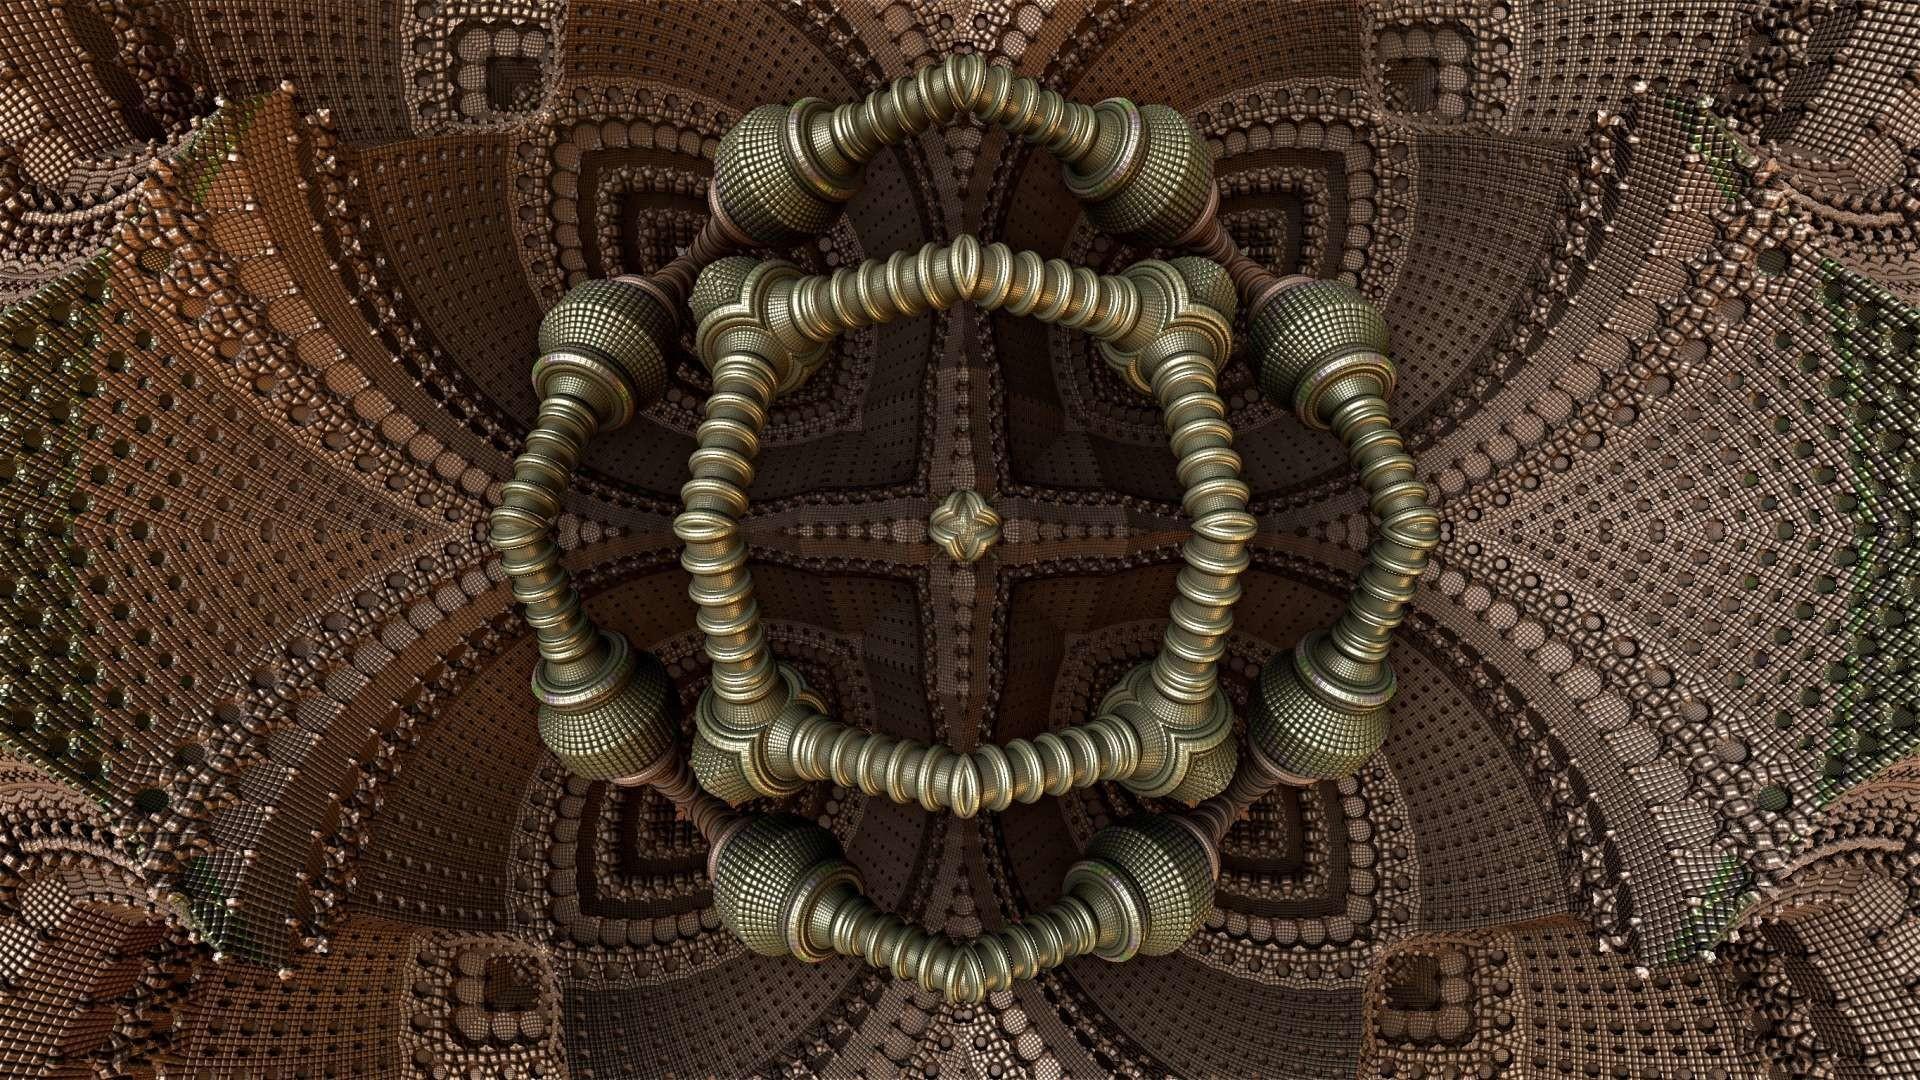 Hd Fractals Wallpapers 1080p: Full HD 3D Wallpaper Fractal (69+ Images